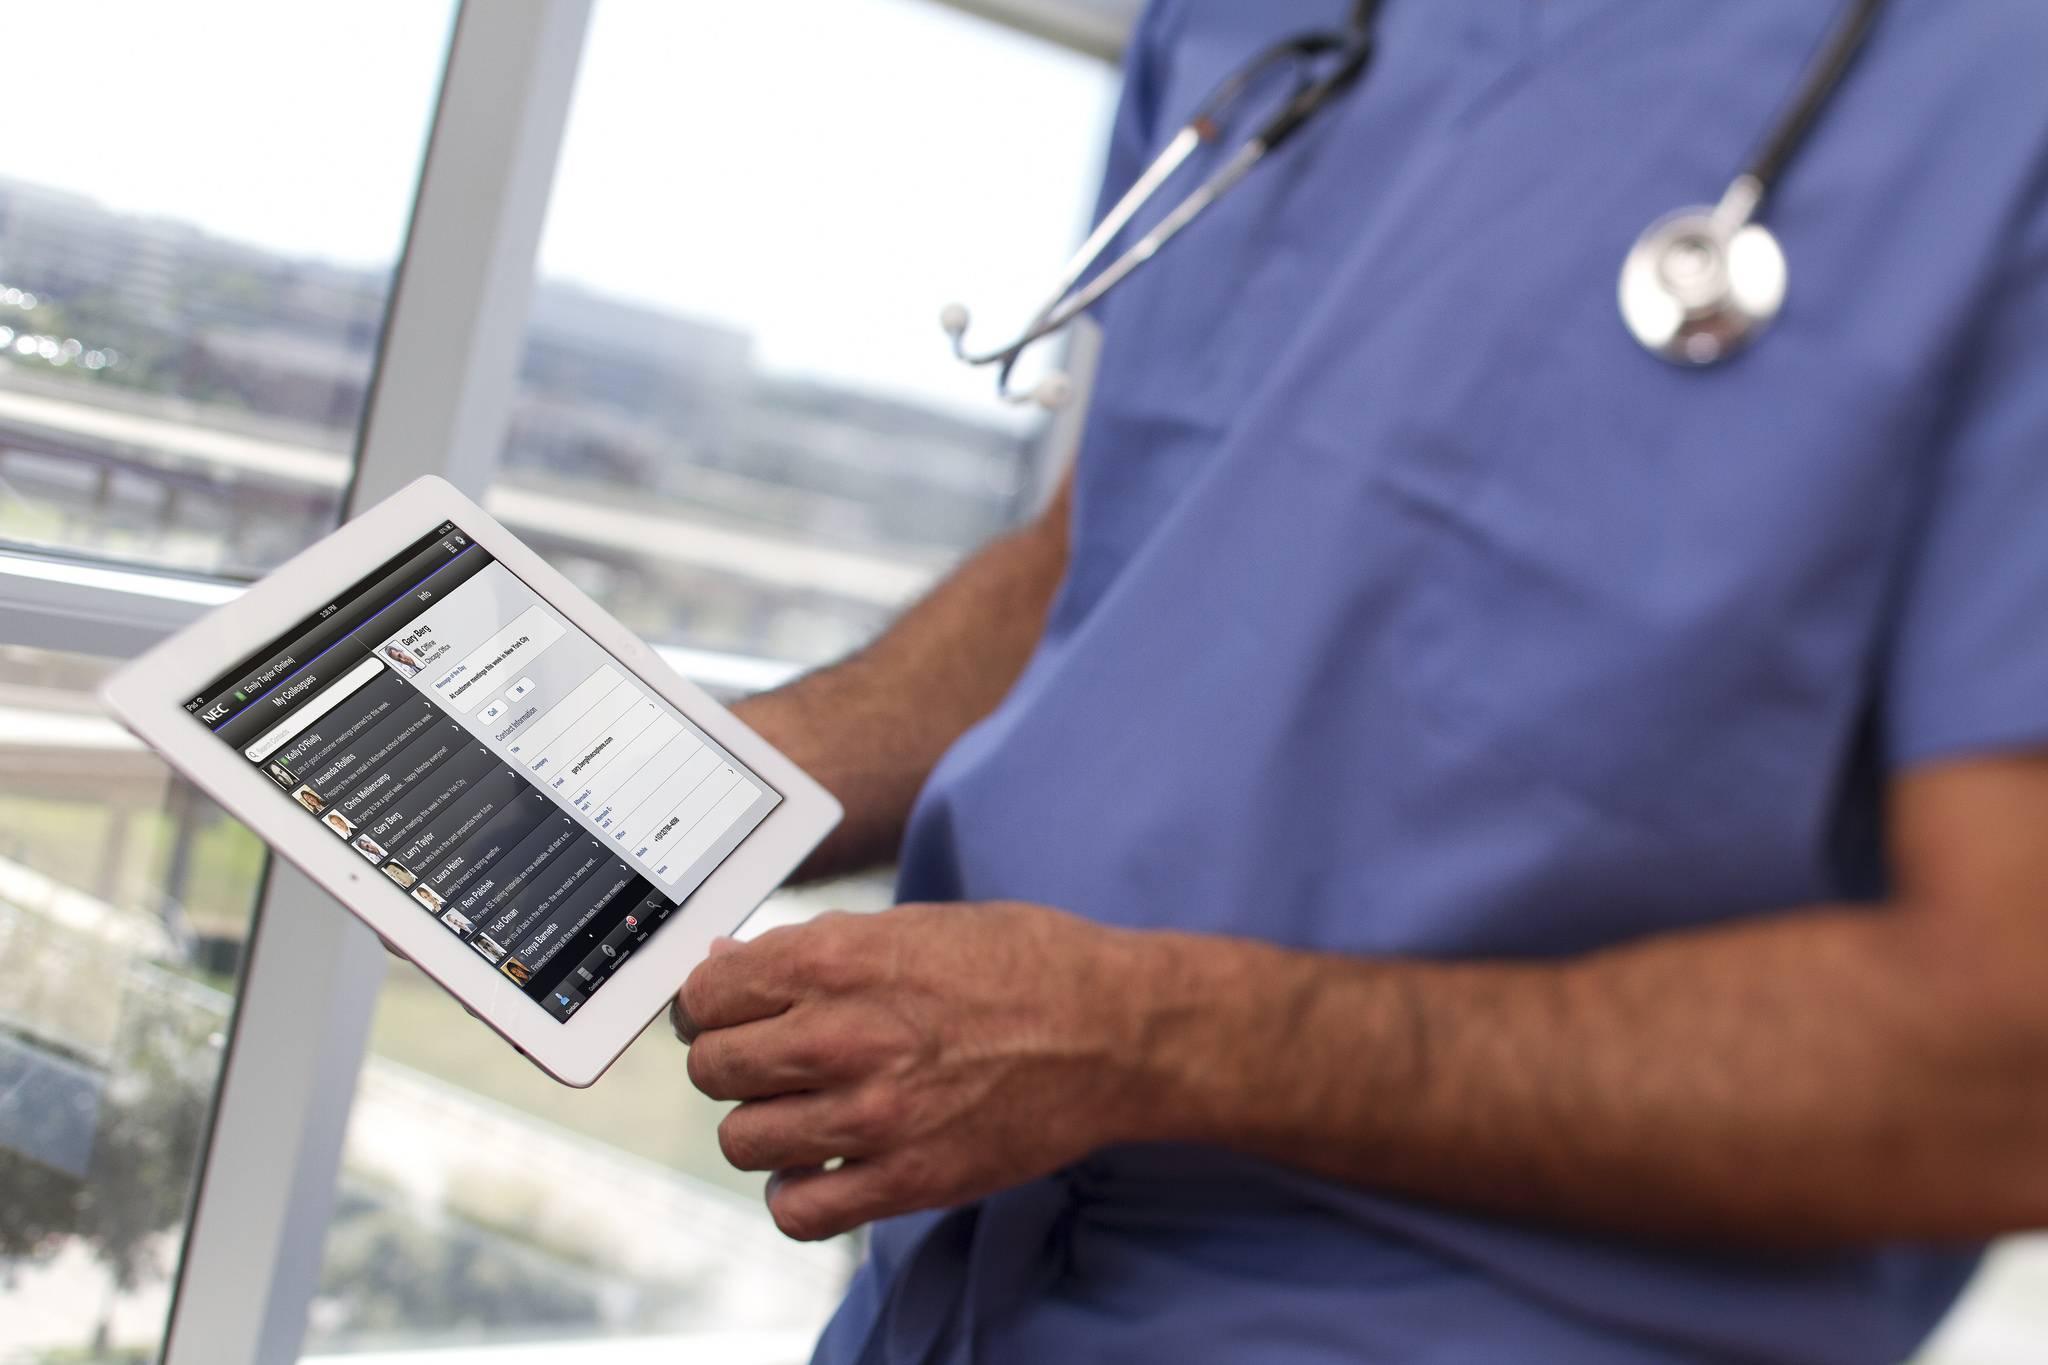 hopital-tablette-medecin